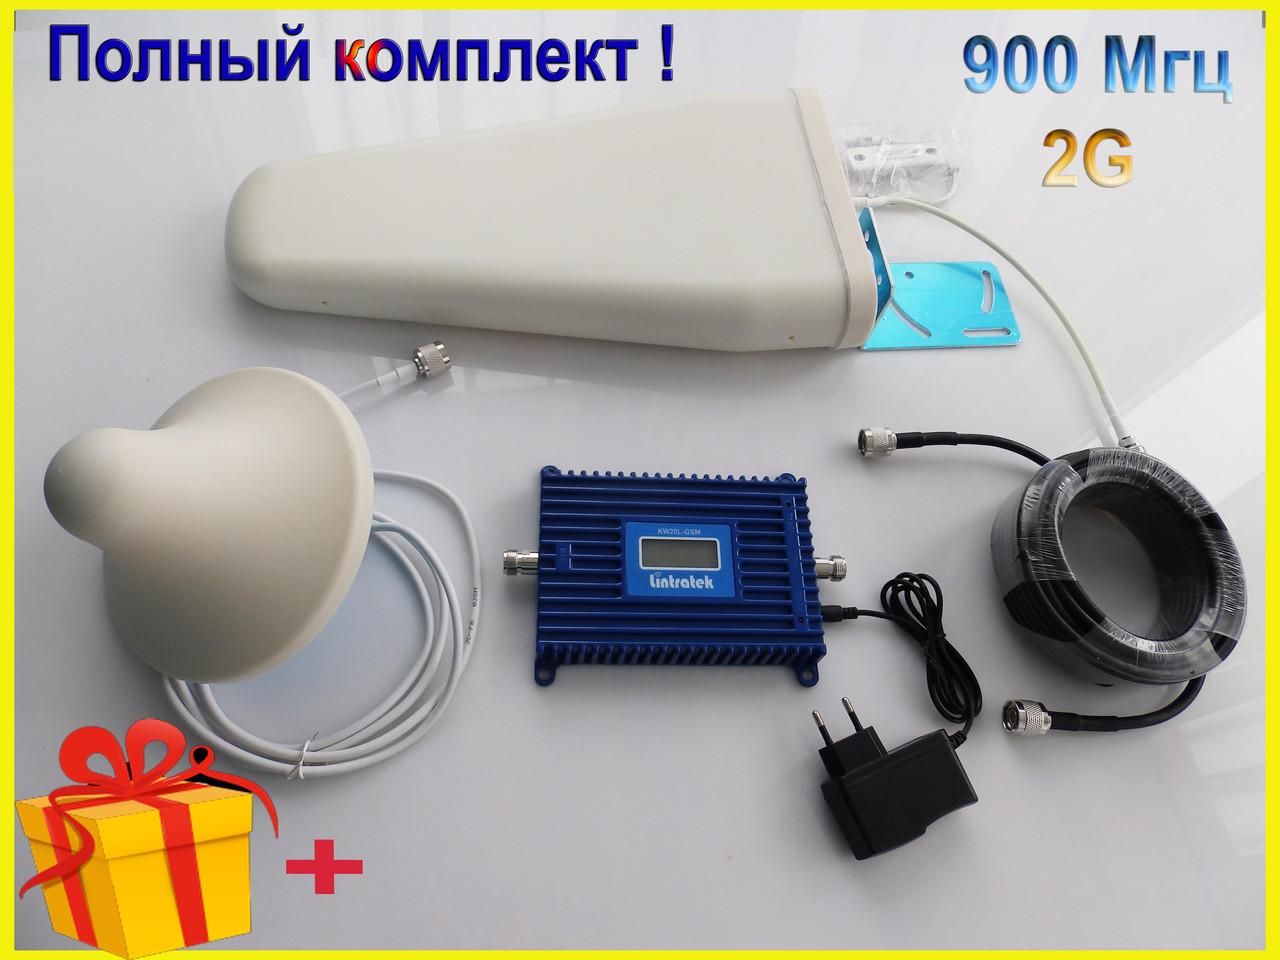 Усилители сигнала сети сотового интернета, телефонной связи на даче Lintratek KW20L-GSM. Сотовый GSM усилитель